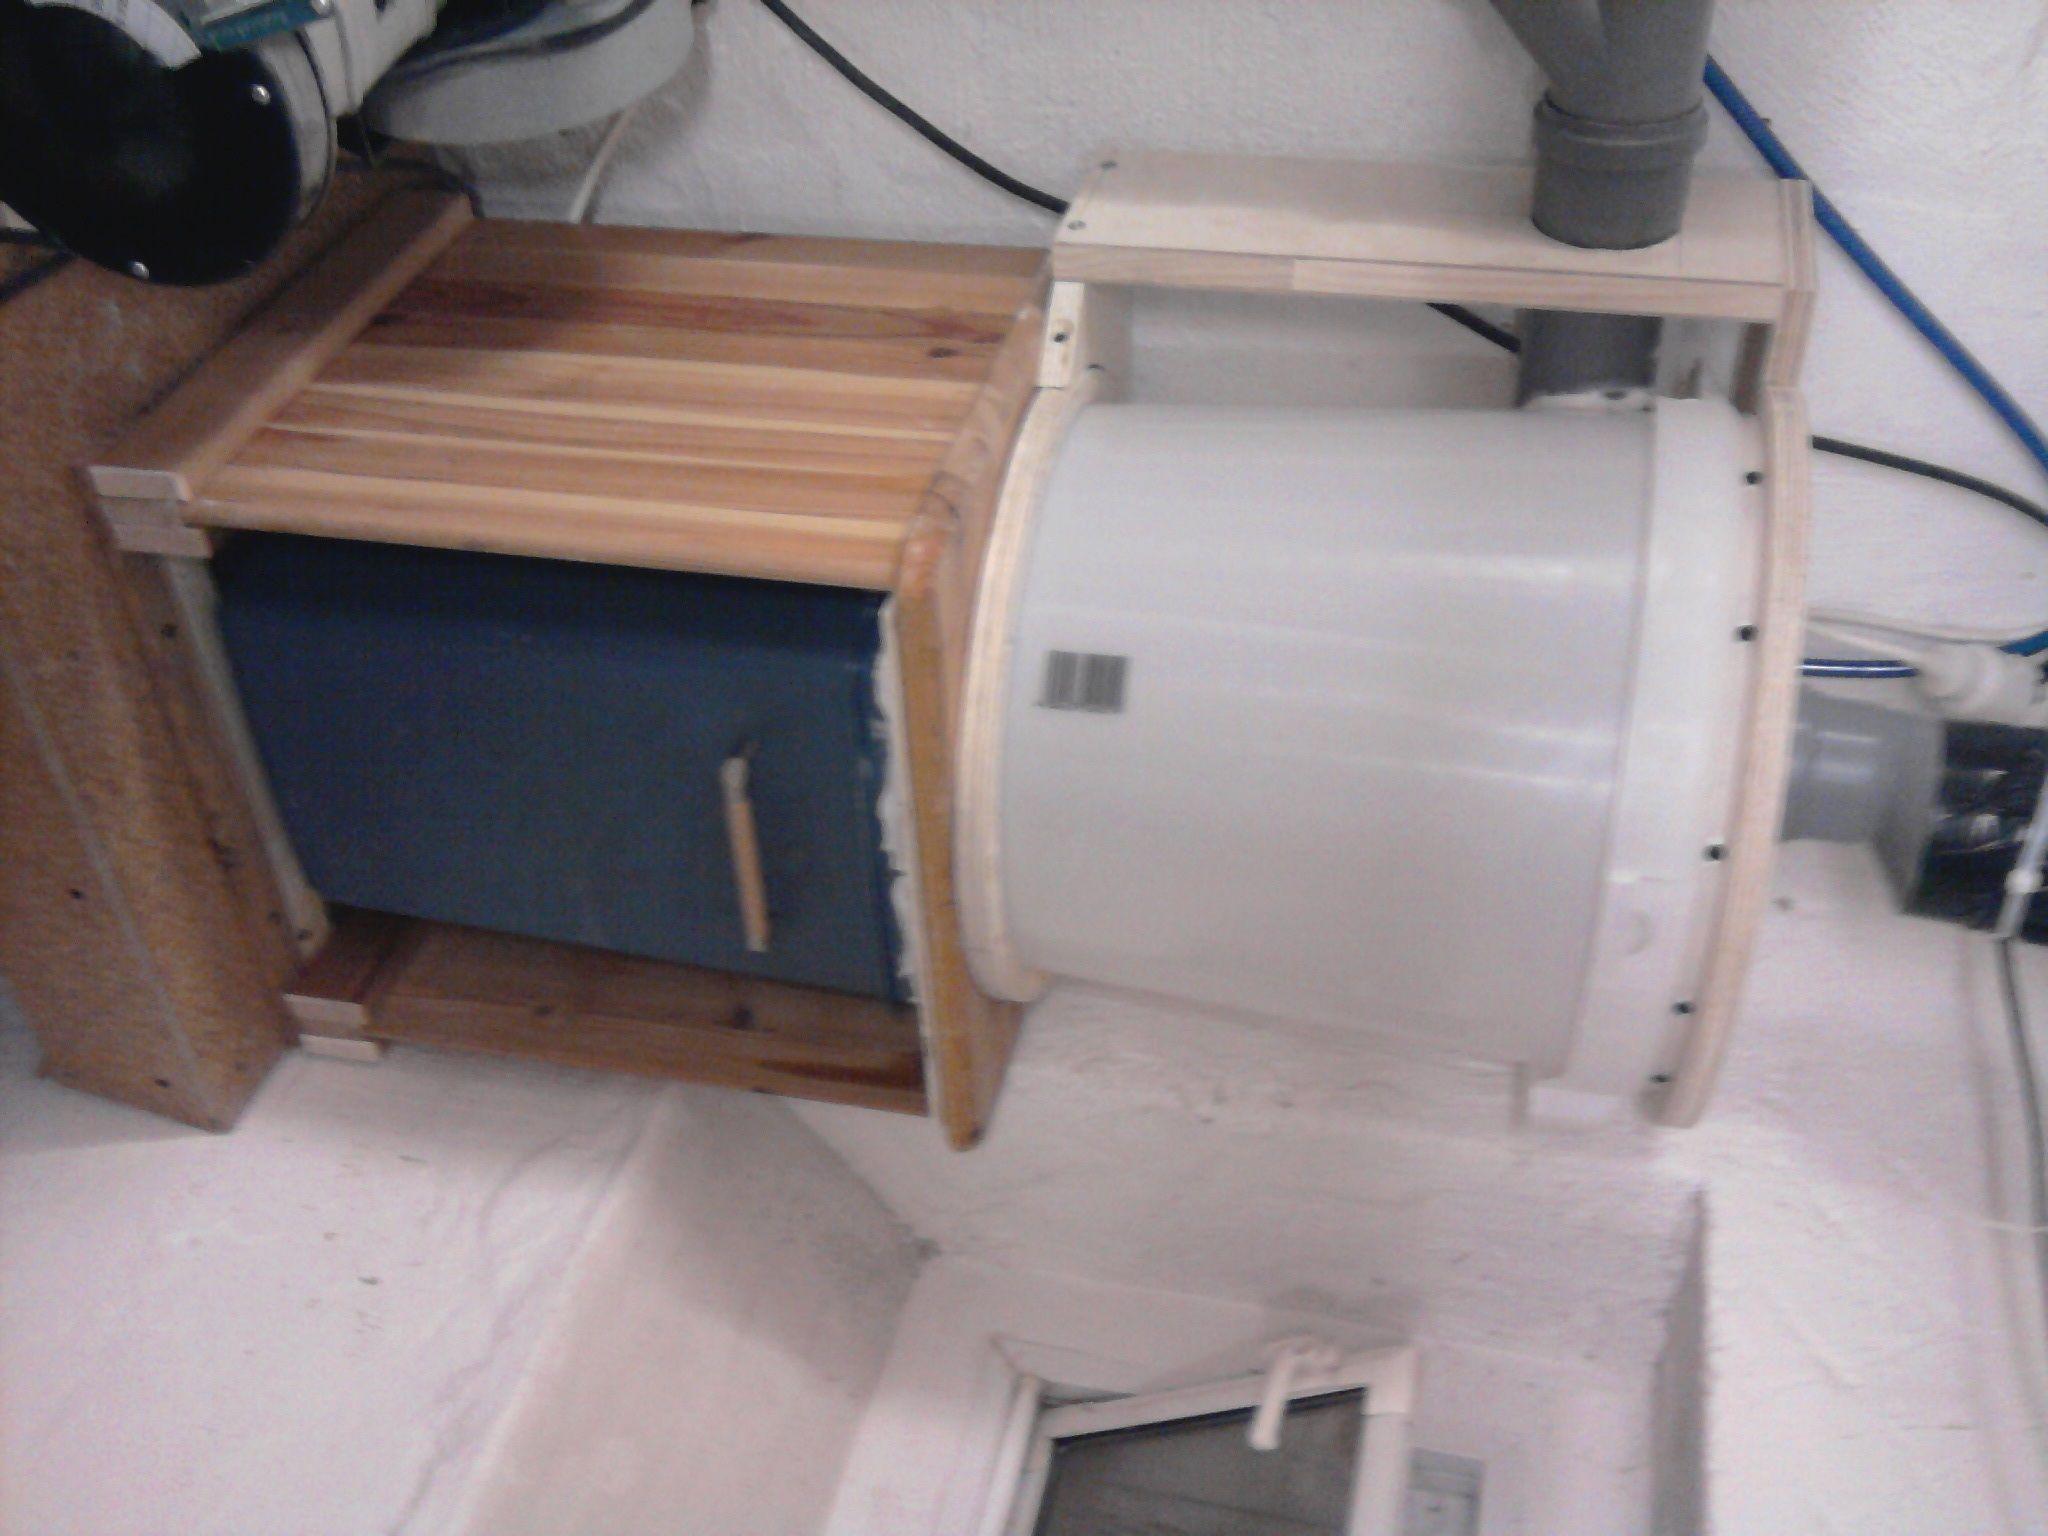 zyklonabscheider mit absauganlage bauanleitung zum selber projekte pinterest. Black Bedroom Furniture Sets. Home Design Ideas